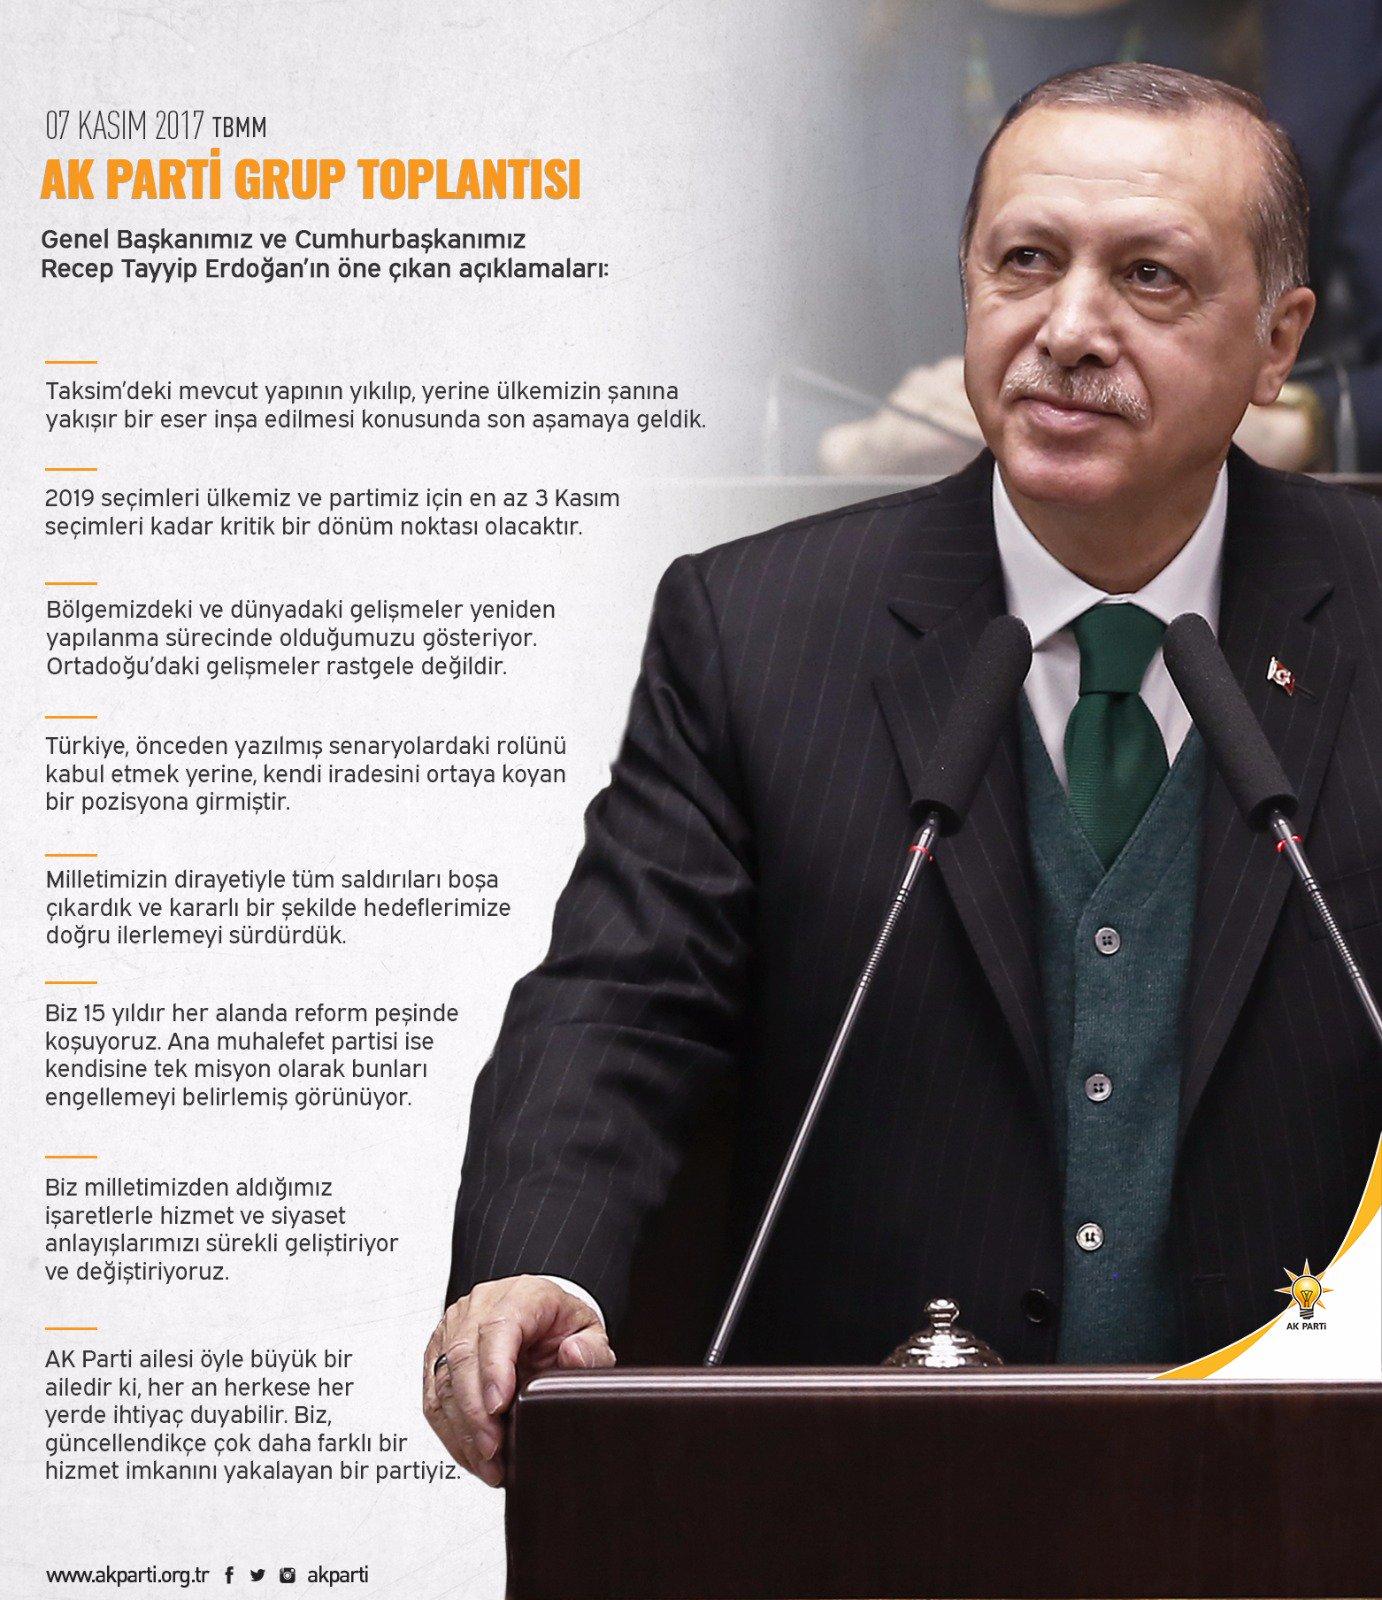 Genel Başkanımız ve Cumhurbaşkanımız Recep Tayyip Erdoğan'ın AK Parti Grup Toplantısı'ndaki öne çıkan açıklamaları. https://t.co/EXu9qgJ0Ic